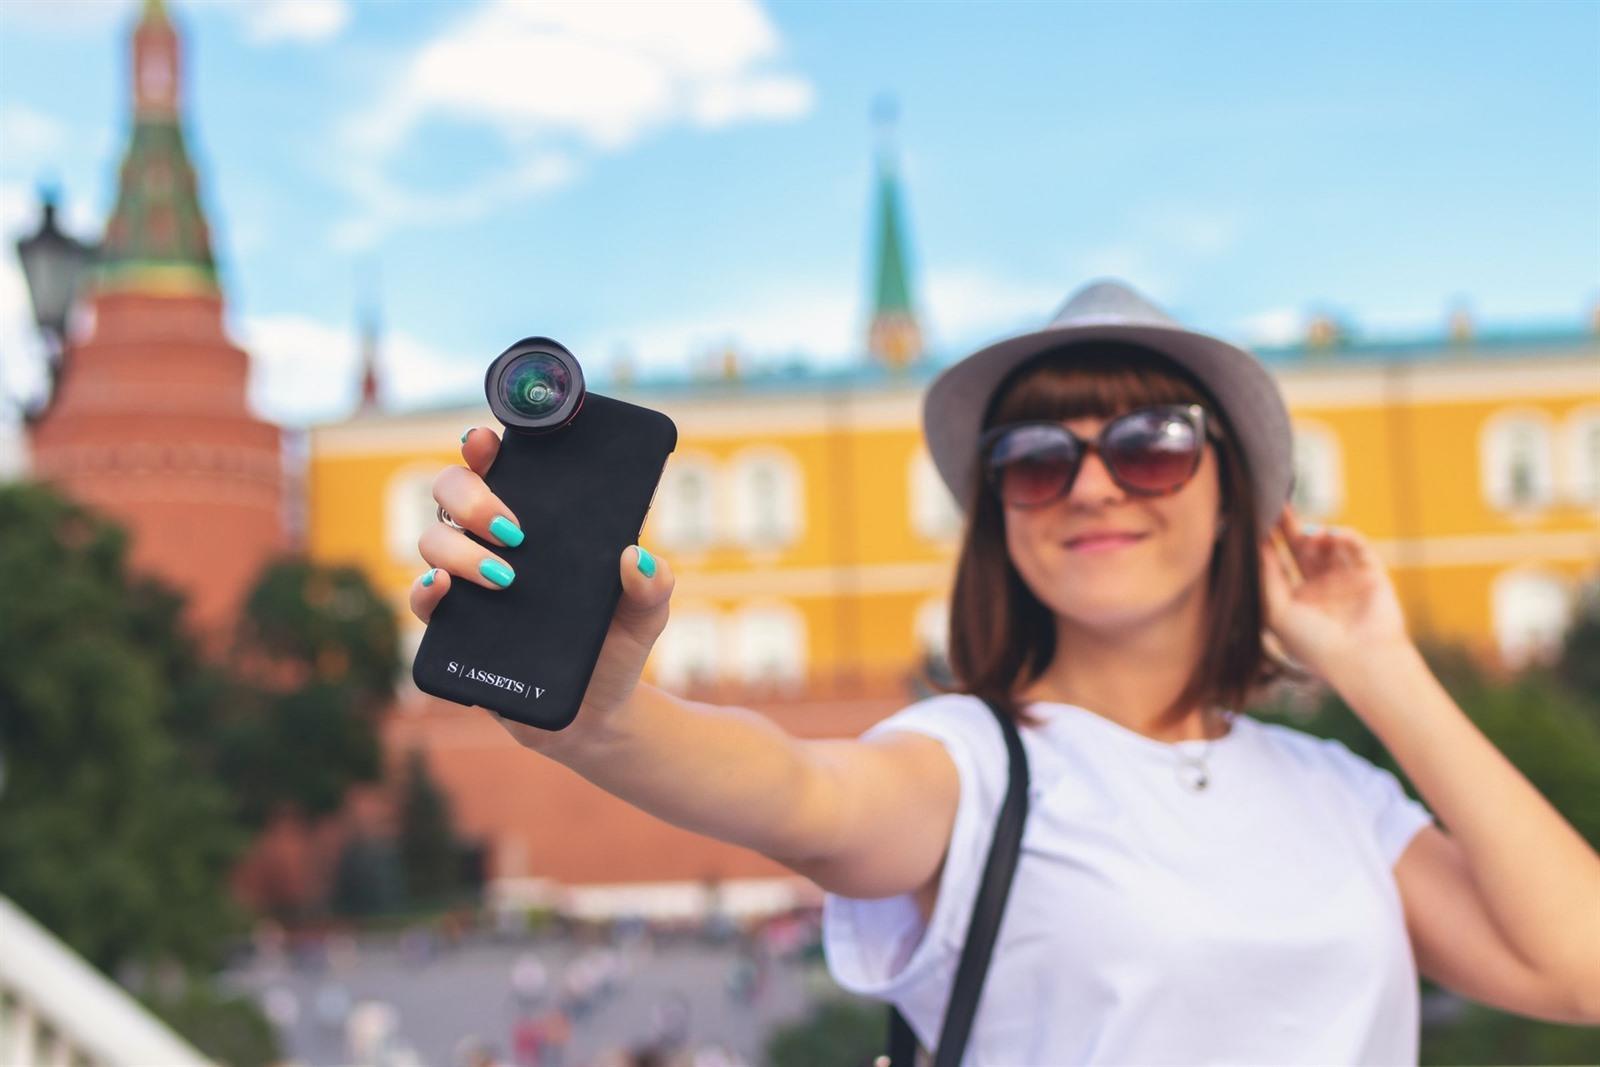 12 x tips om betere selfies te maken: Waarop moet je letten?